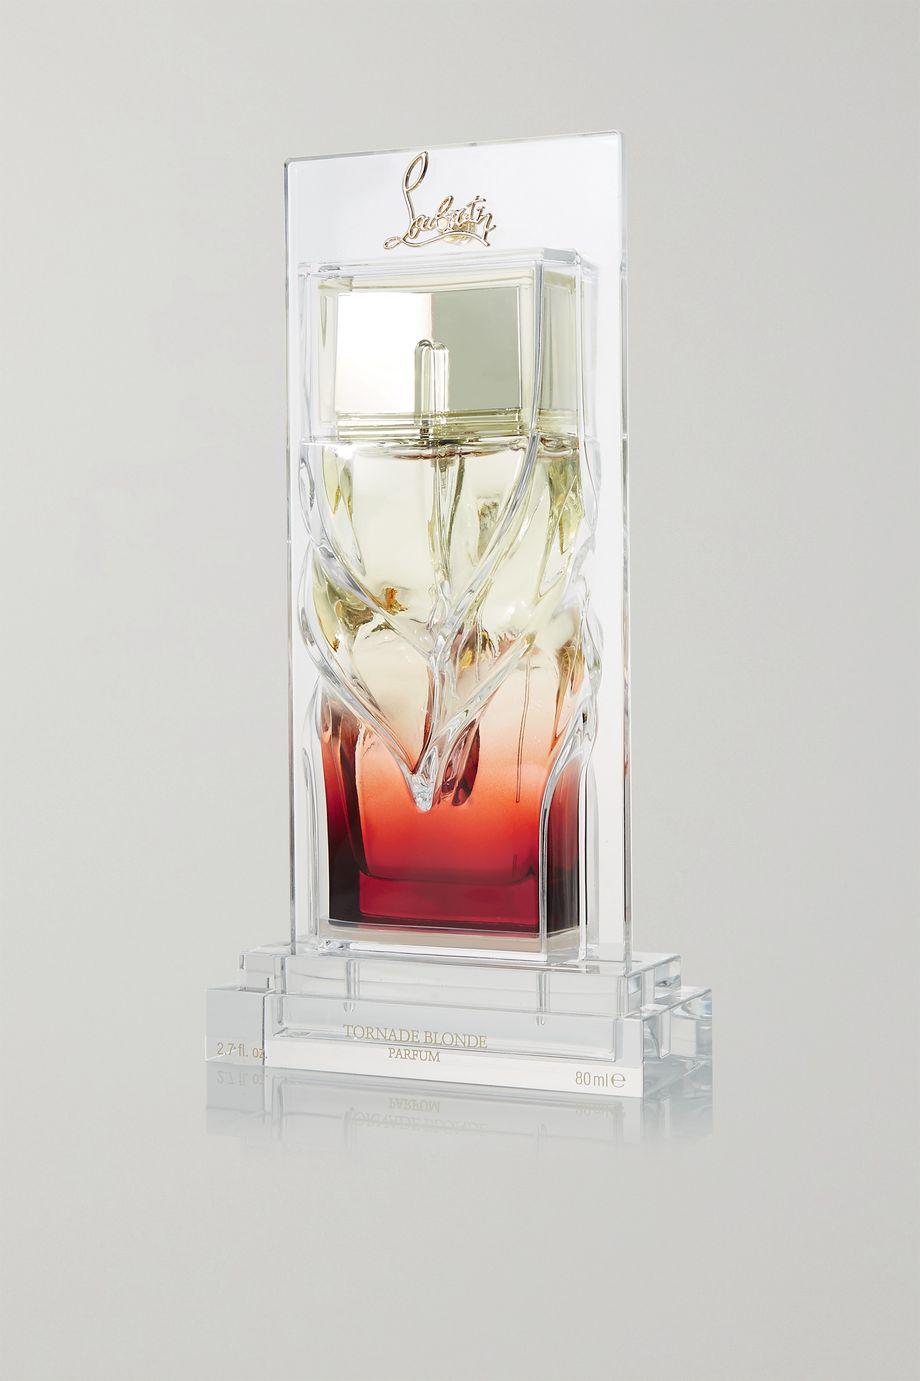 Christian Louboutin Beauty Tornade Blonde Parfum, 80ml